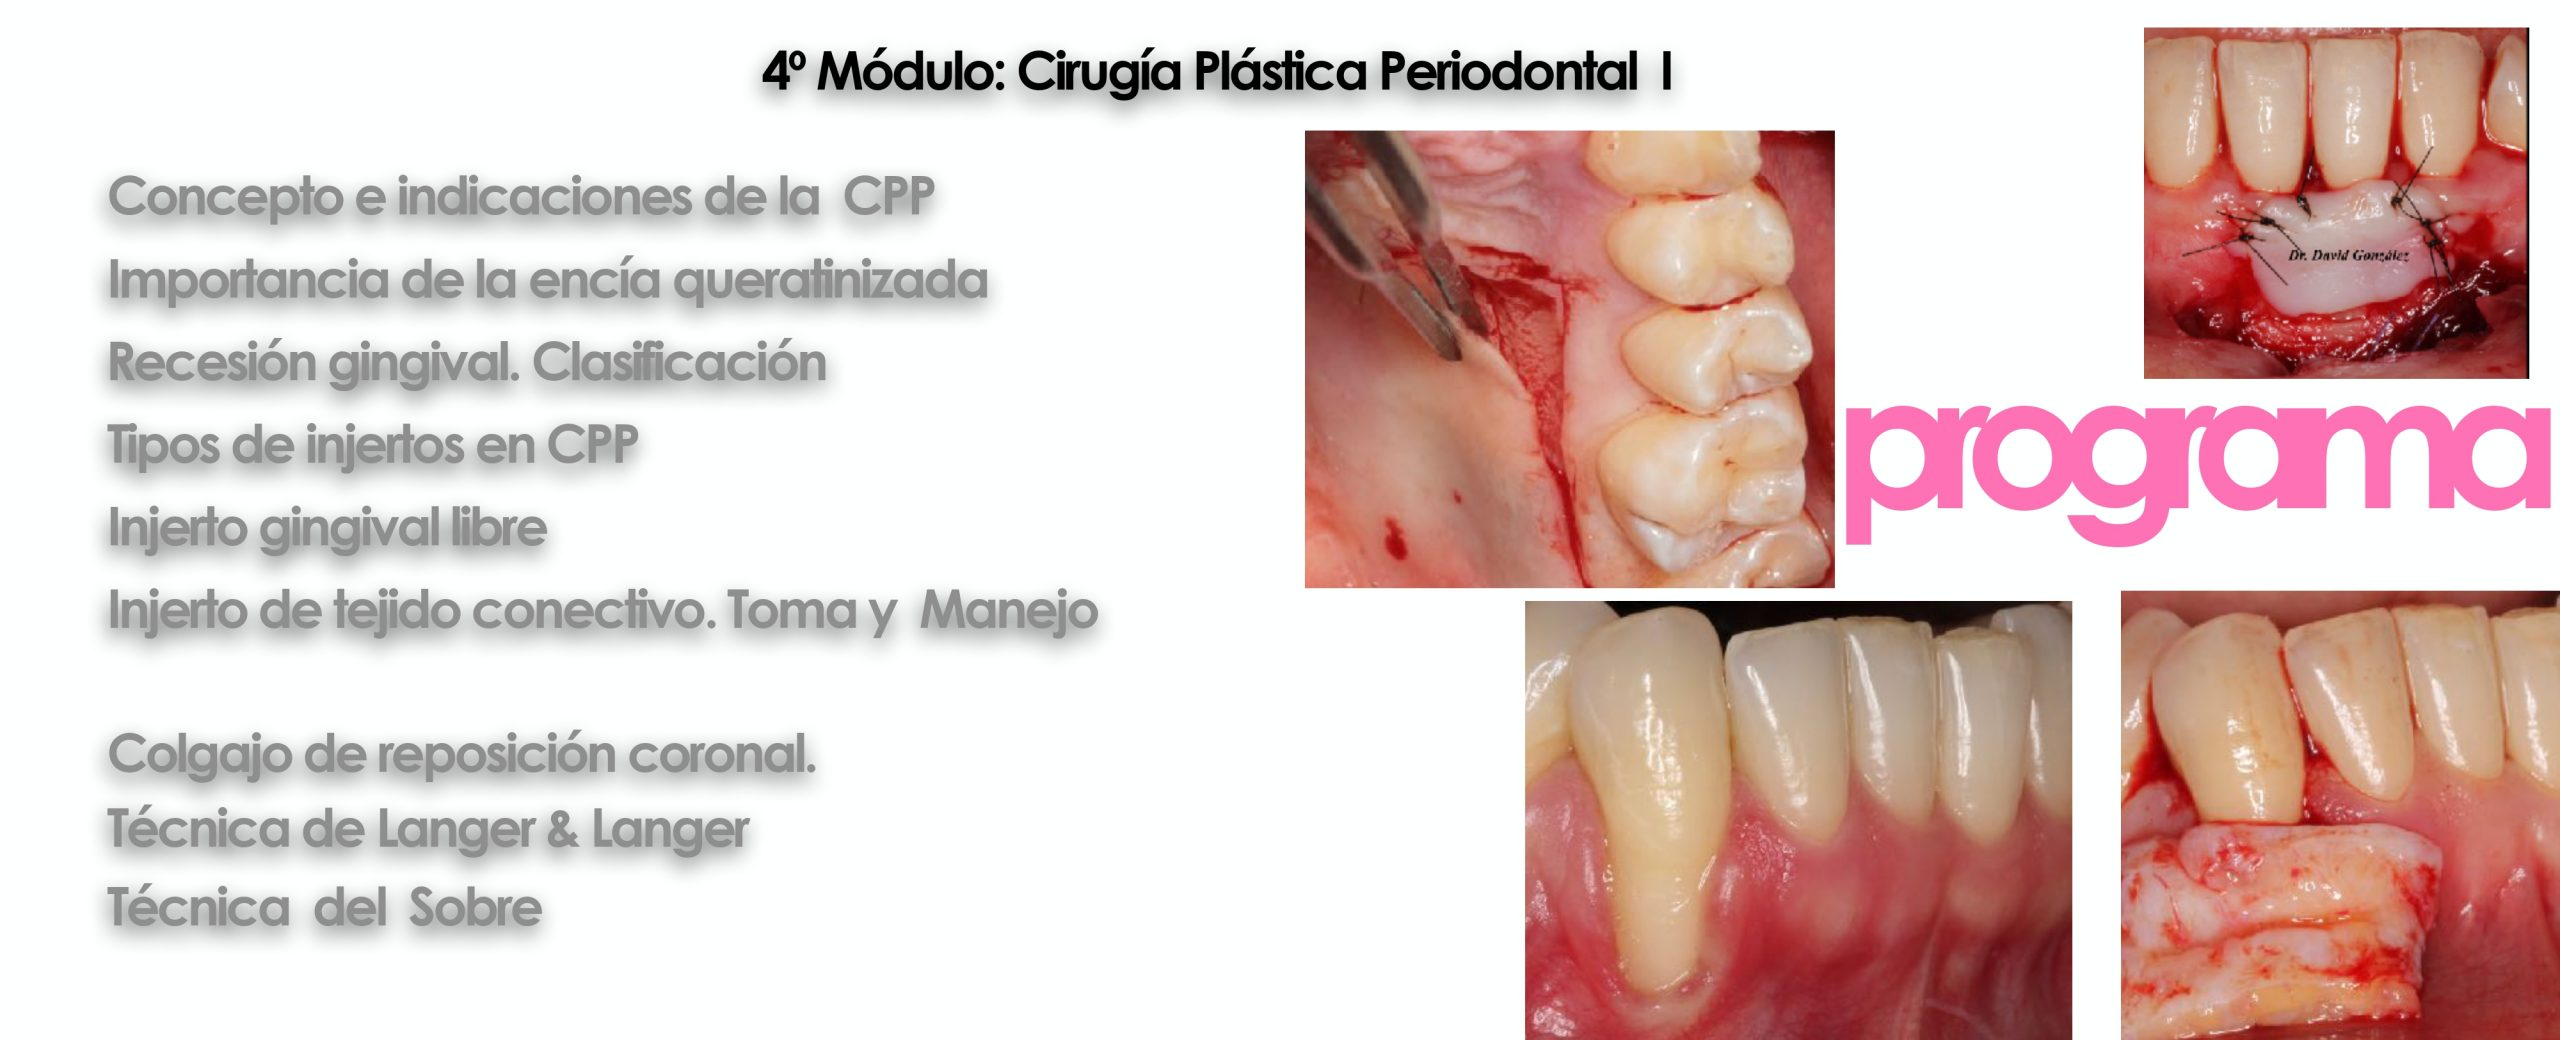 Curso cirugía periodontal e implantológica 2022 8